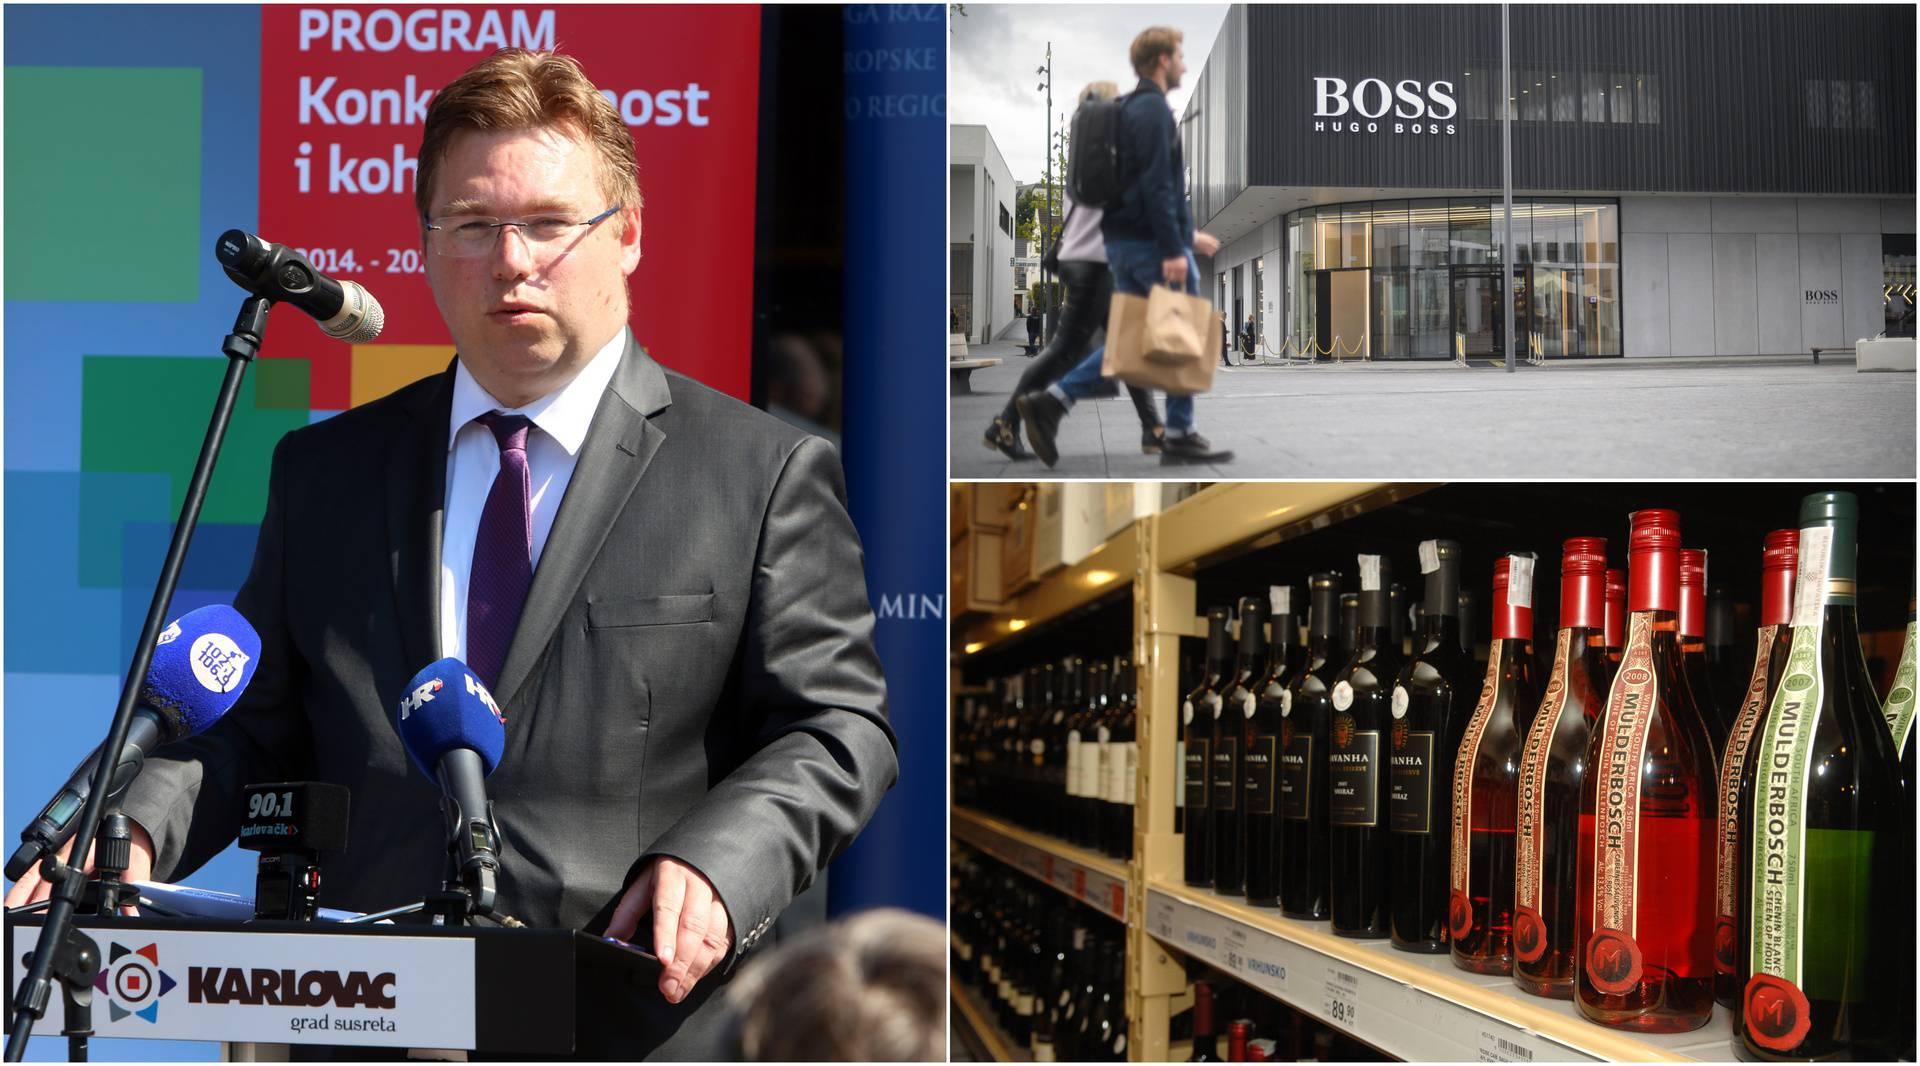 Šoping kralj: Pavić je novcem Ministarstva kupio 36 butelja vina, skupe parfeme i deziće